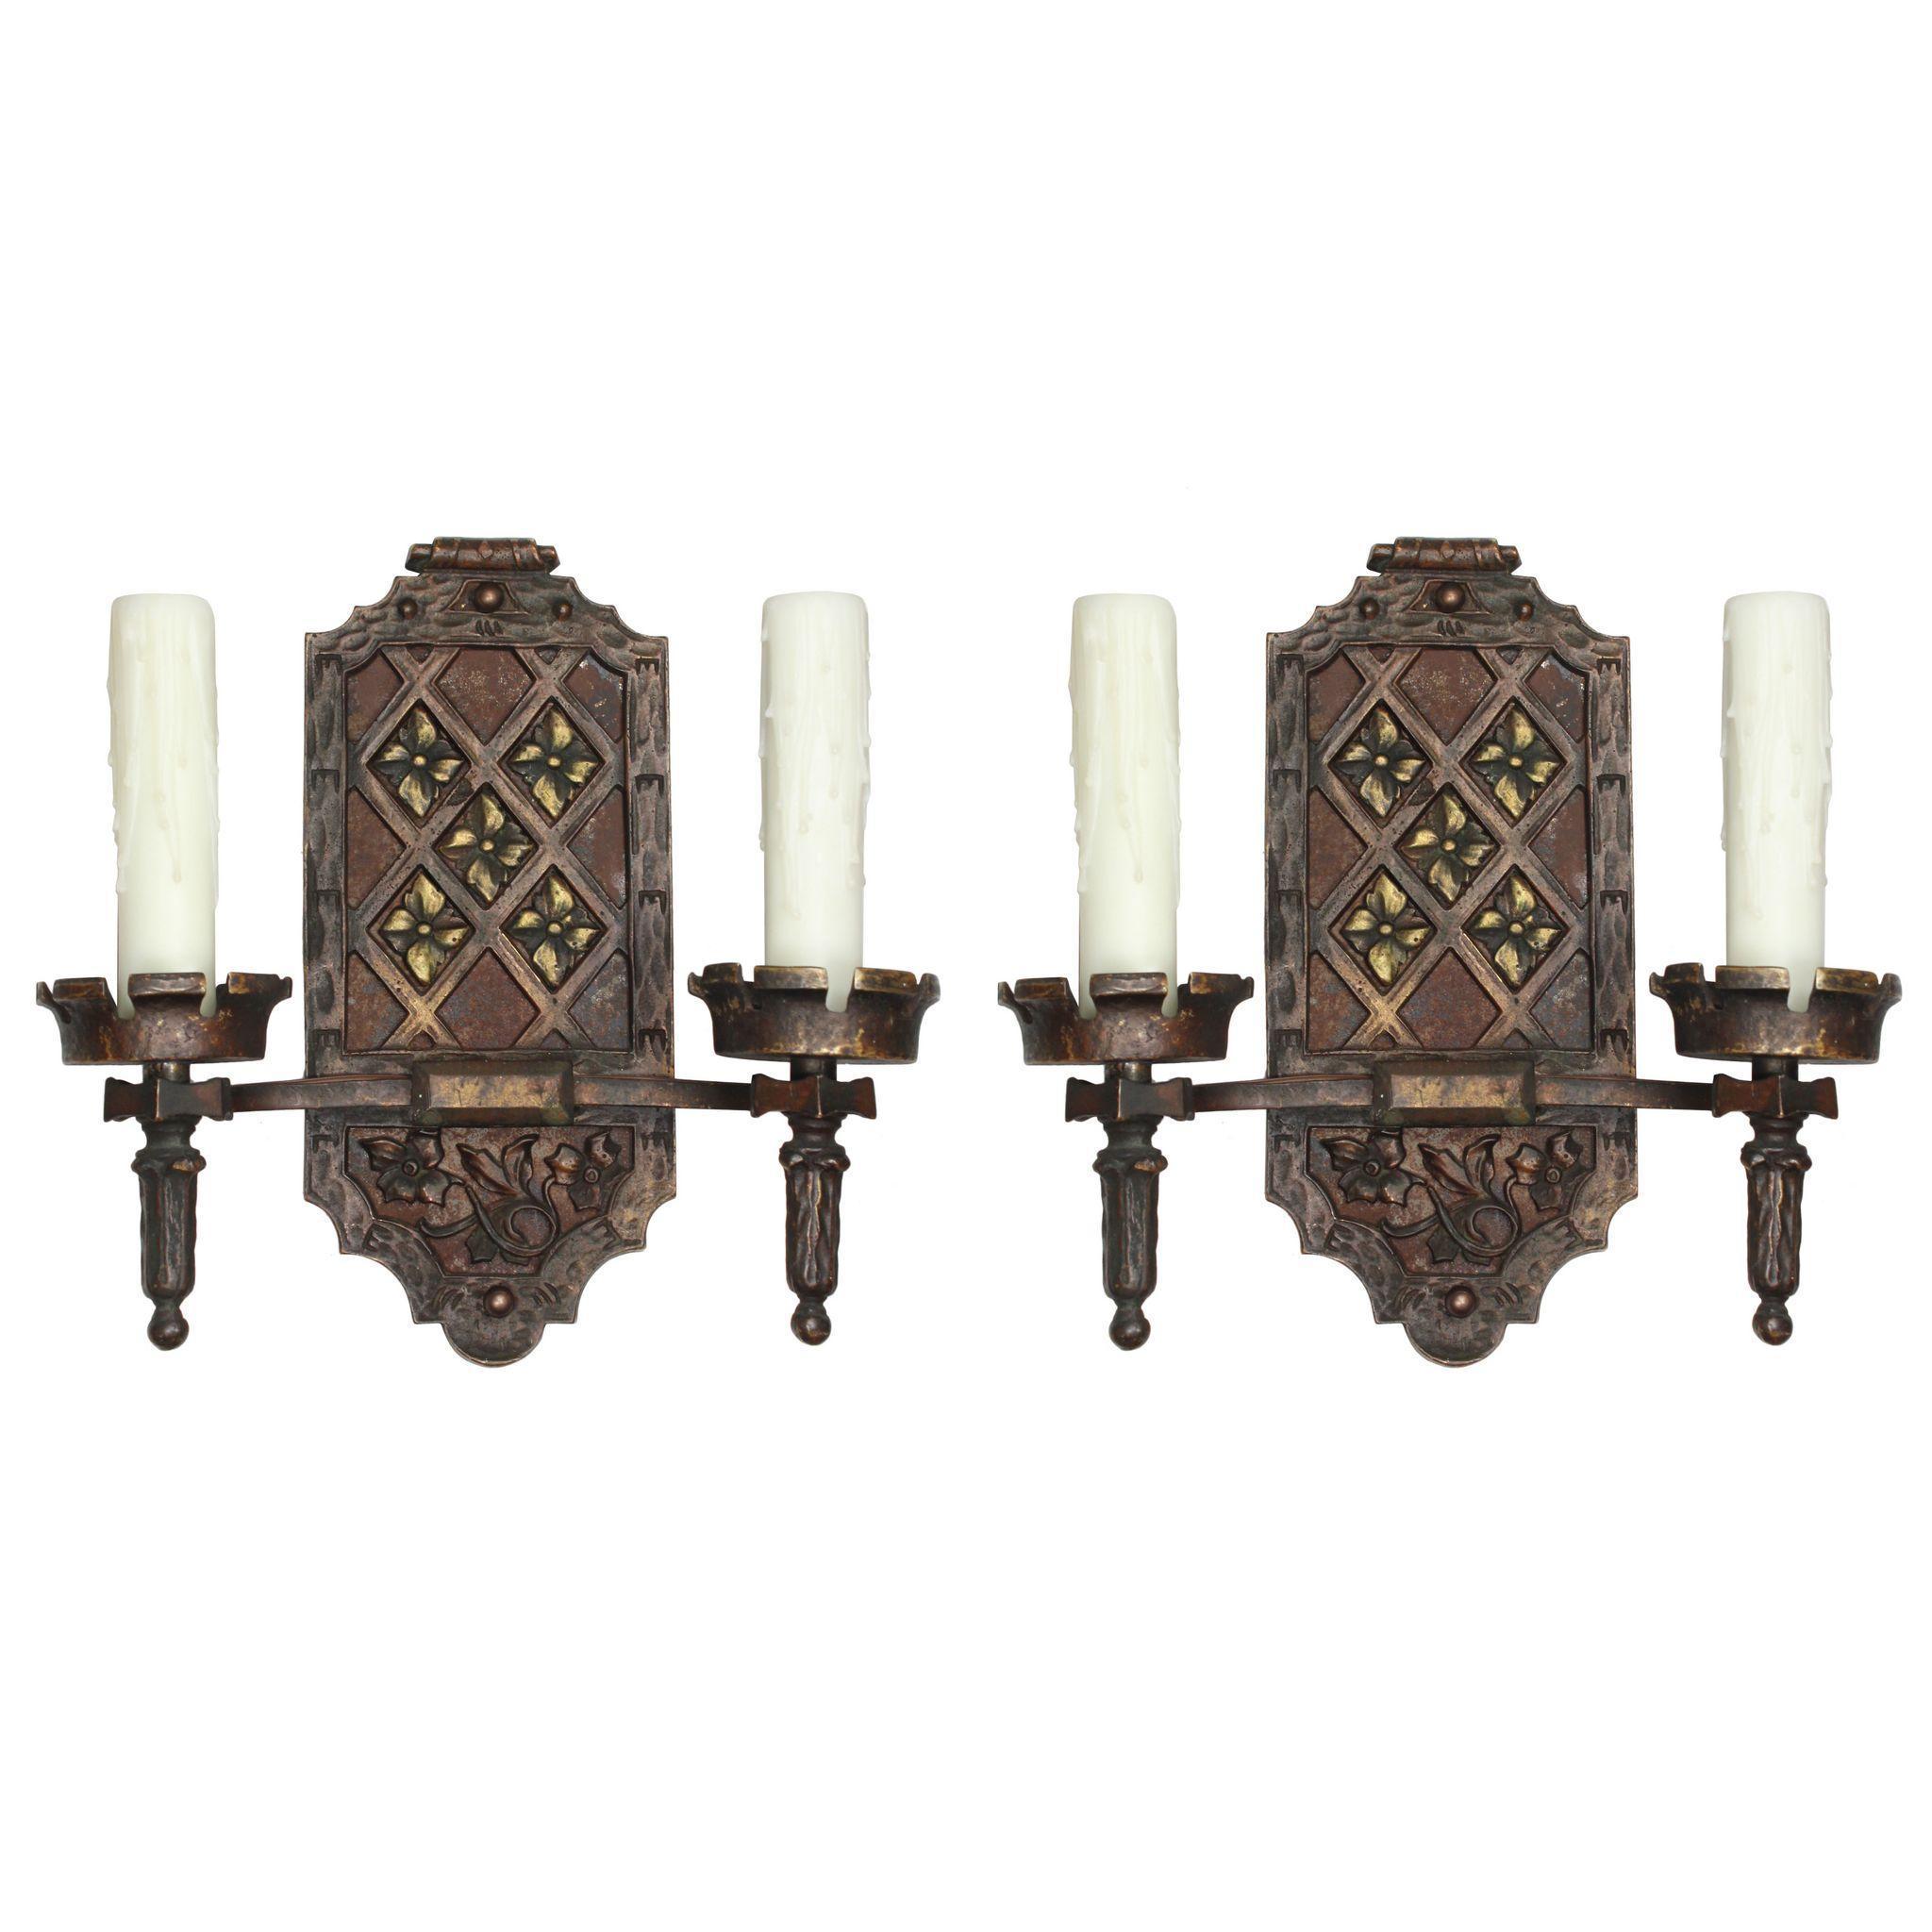 Spanish Revival Double Arm Sconces, Antique Lighting